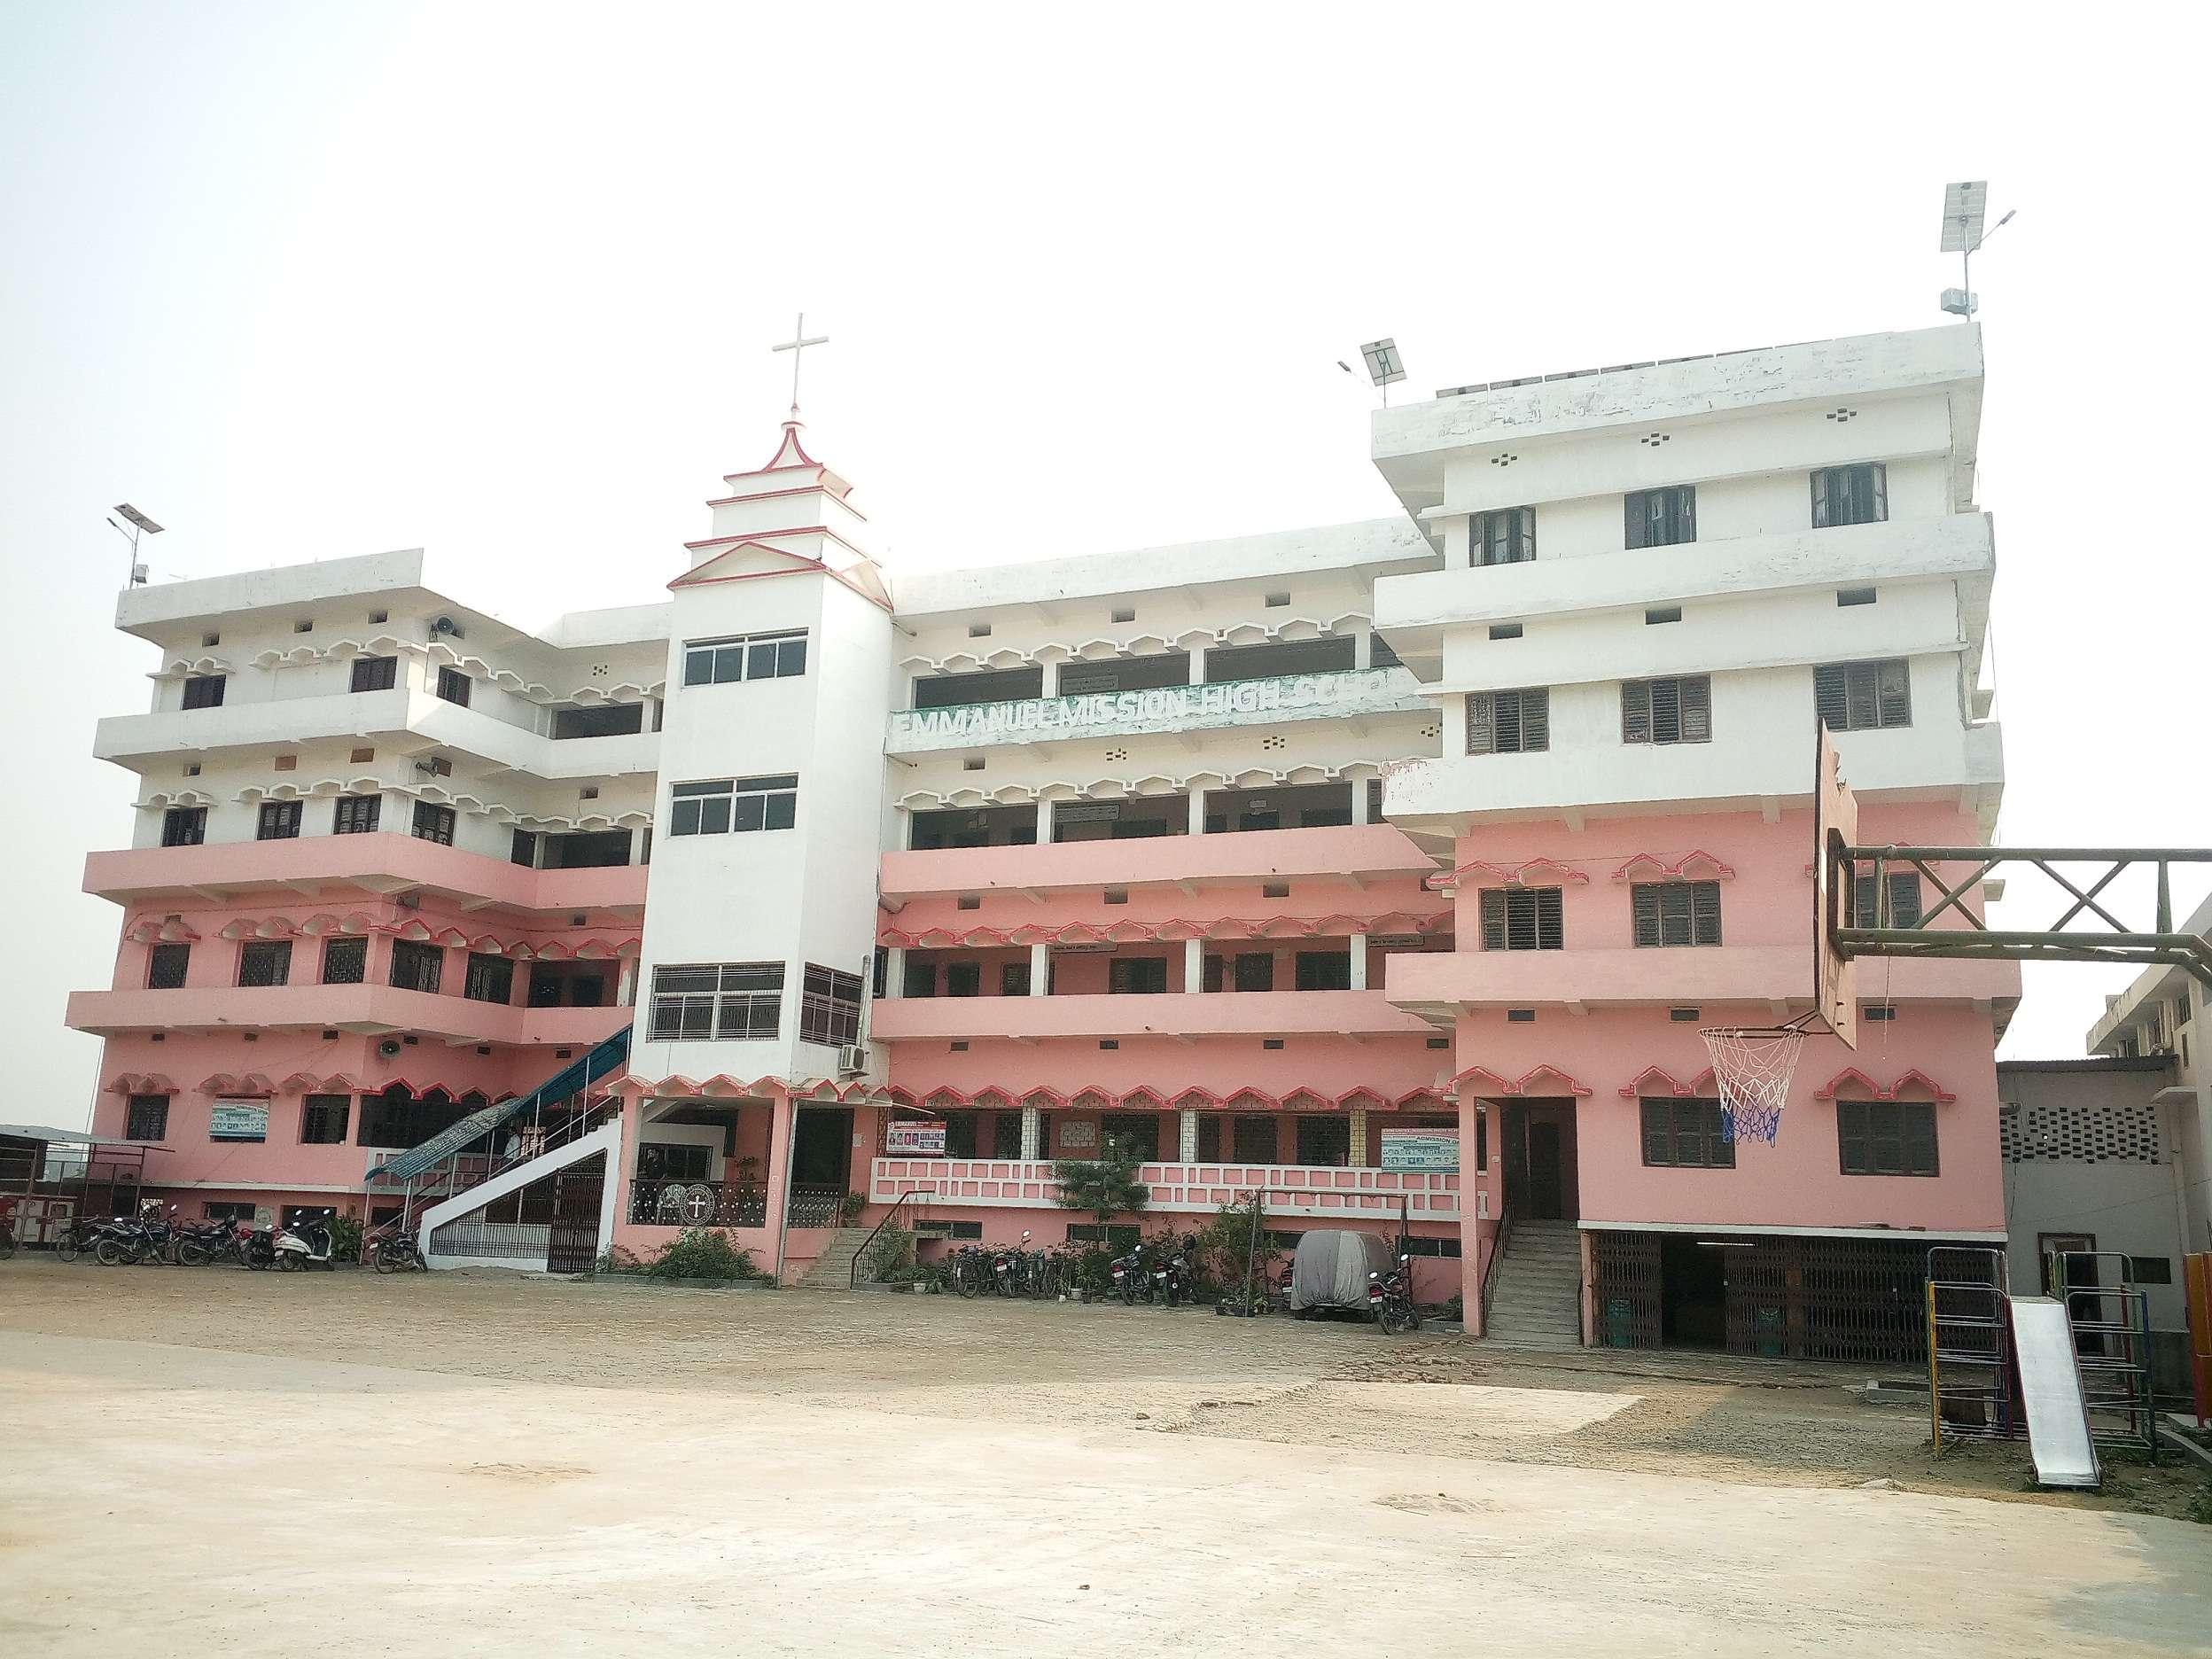 EMMANUEL MISSION HIGH SCHOOL ANAND NAGAR SIWAN BIHAR 330169